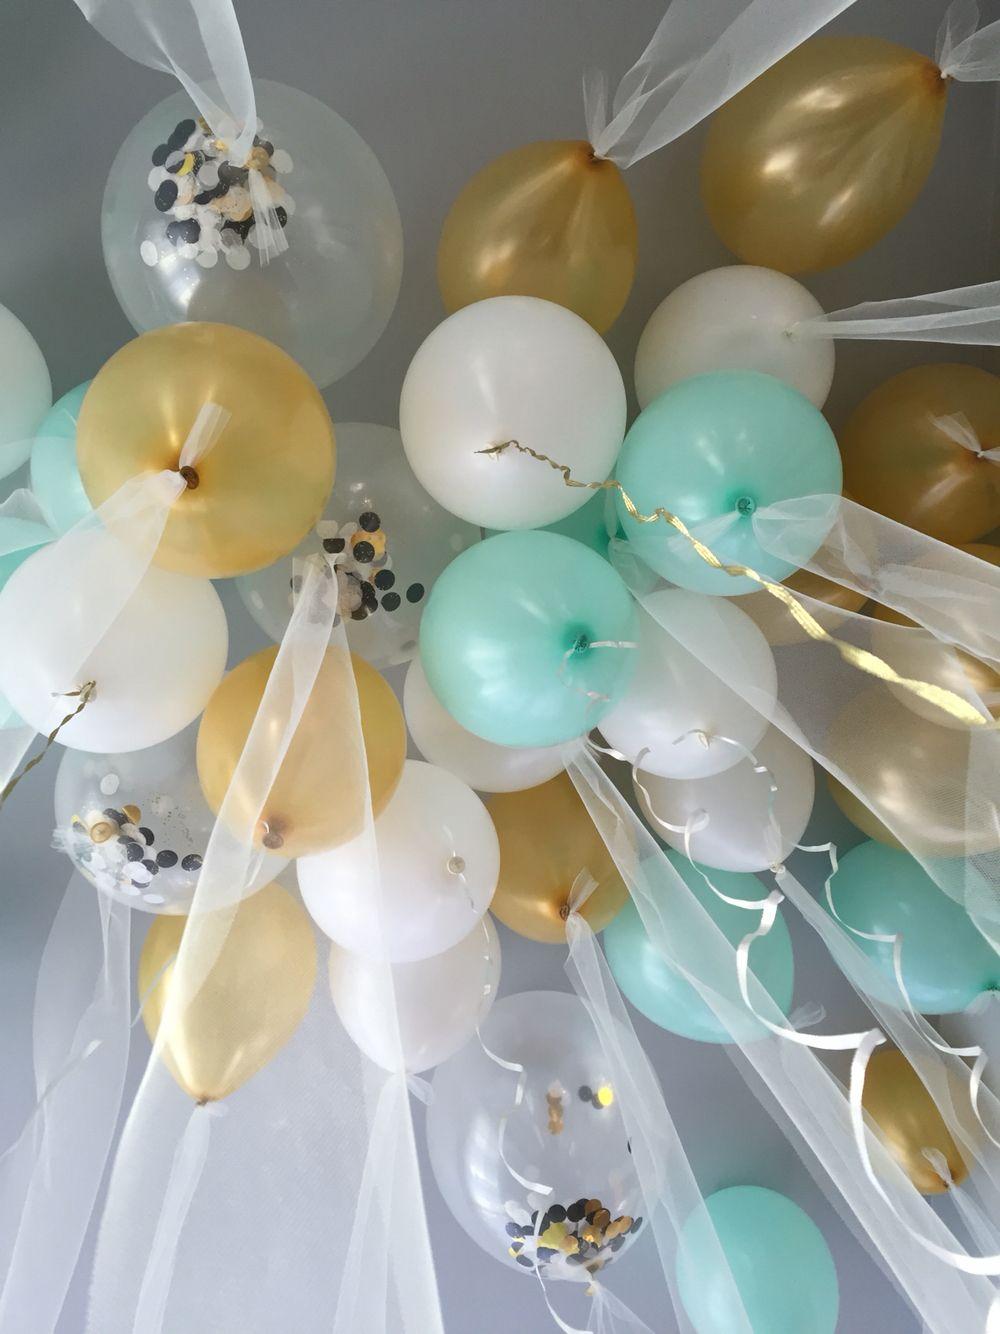 Gender neutral baby shower ideas pinterest - Tulle Balloons For A Gender Neutral Baby Shower